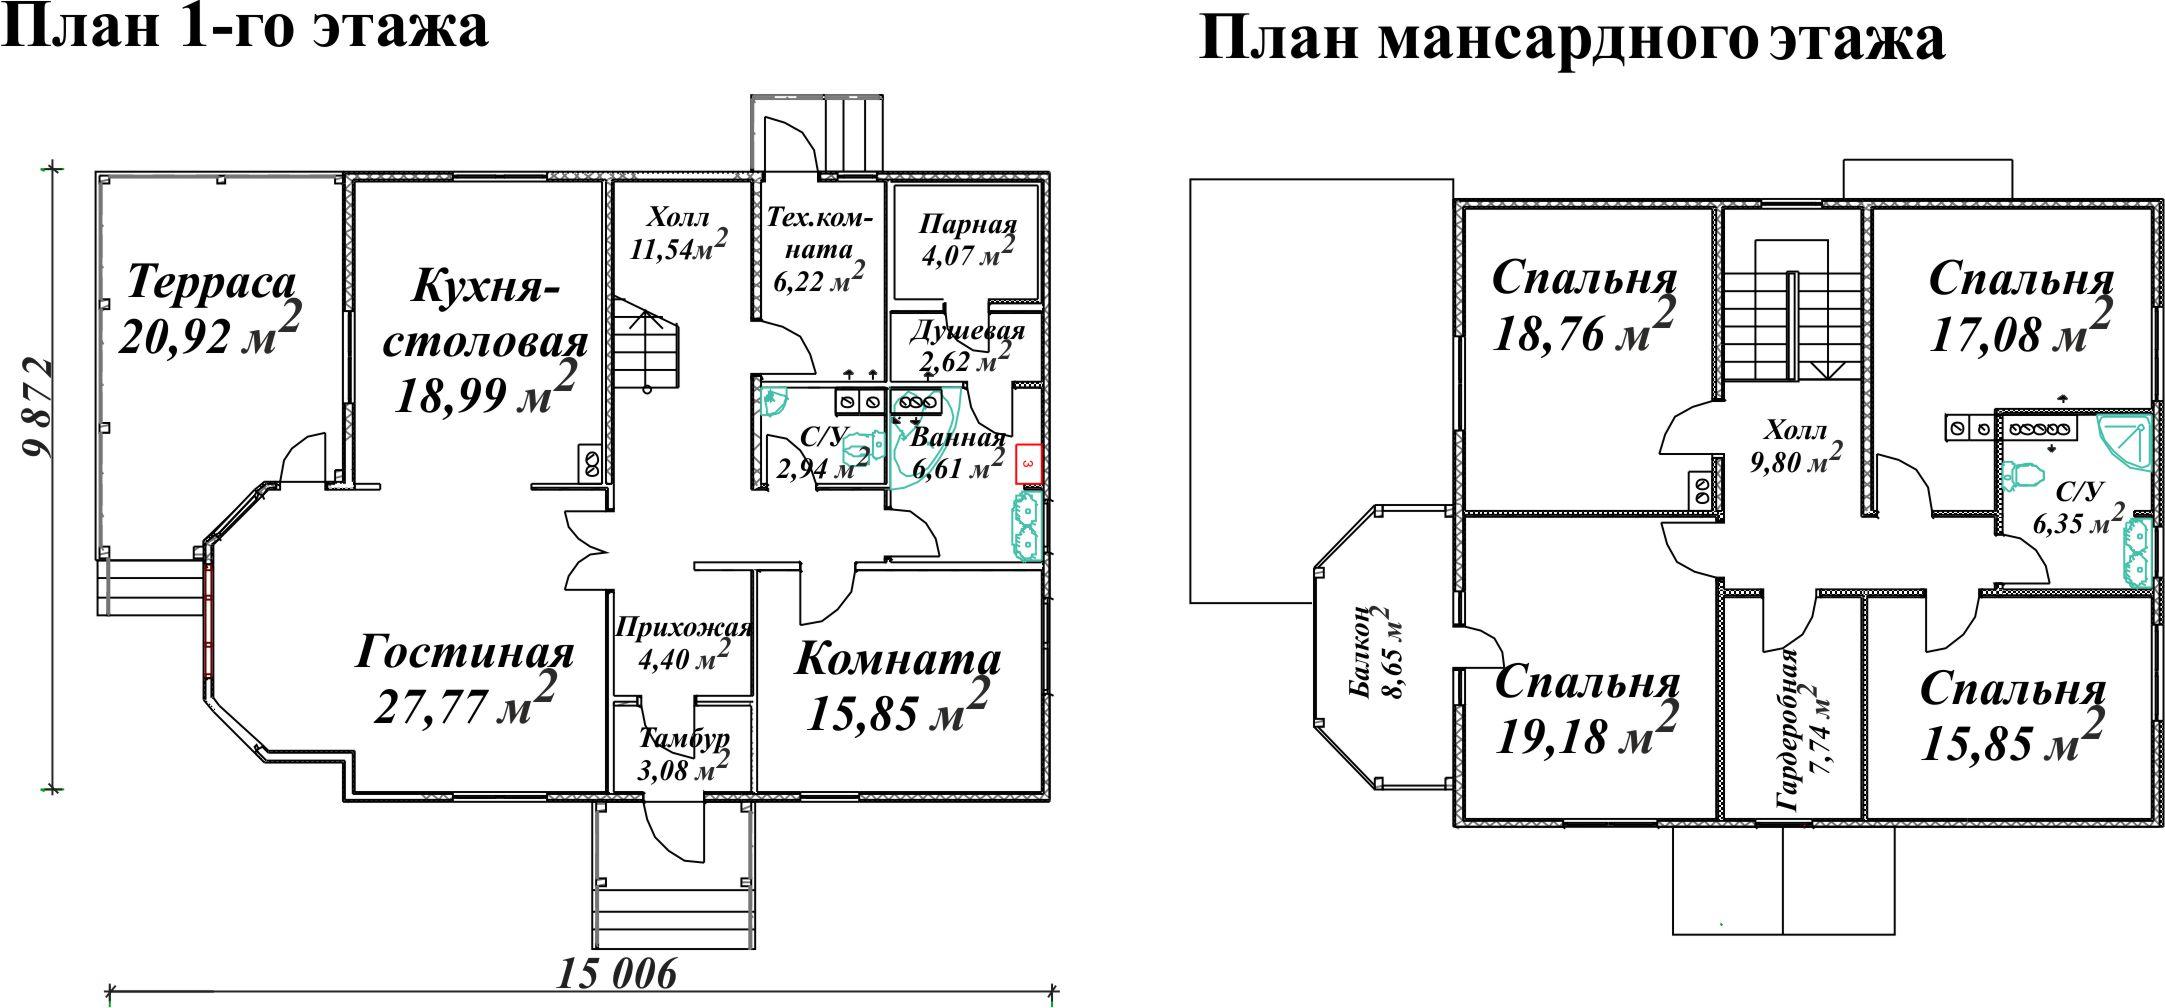 Планировка двухэтажного дома с парилкой